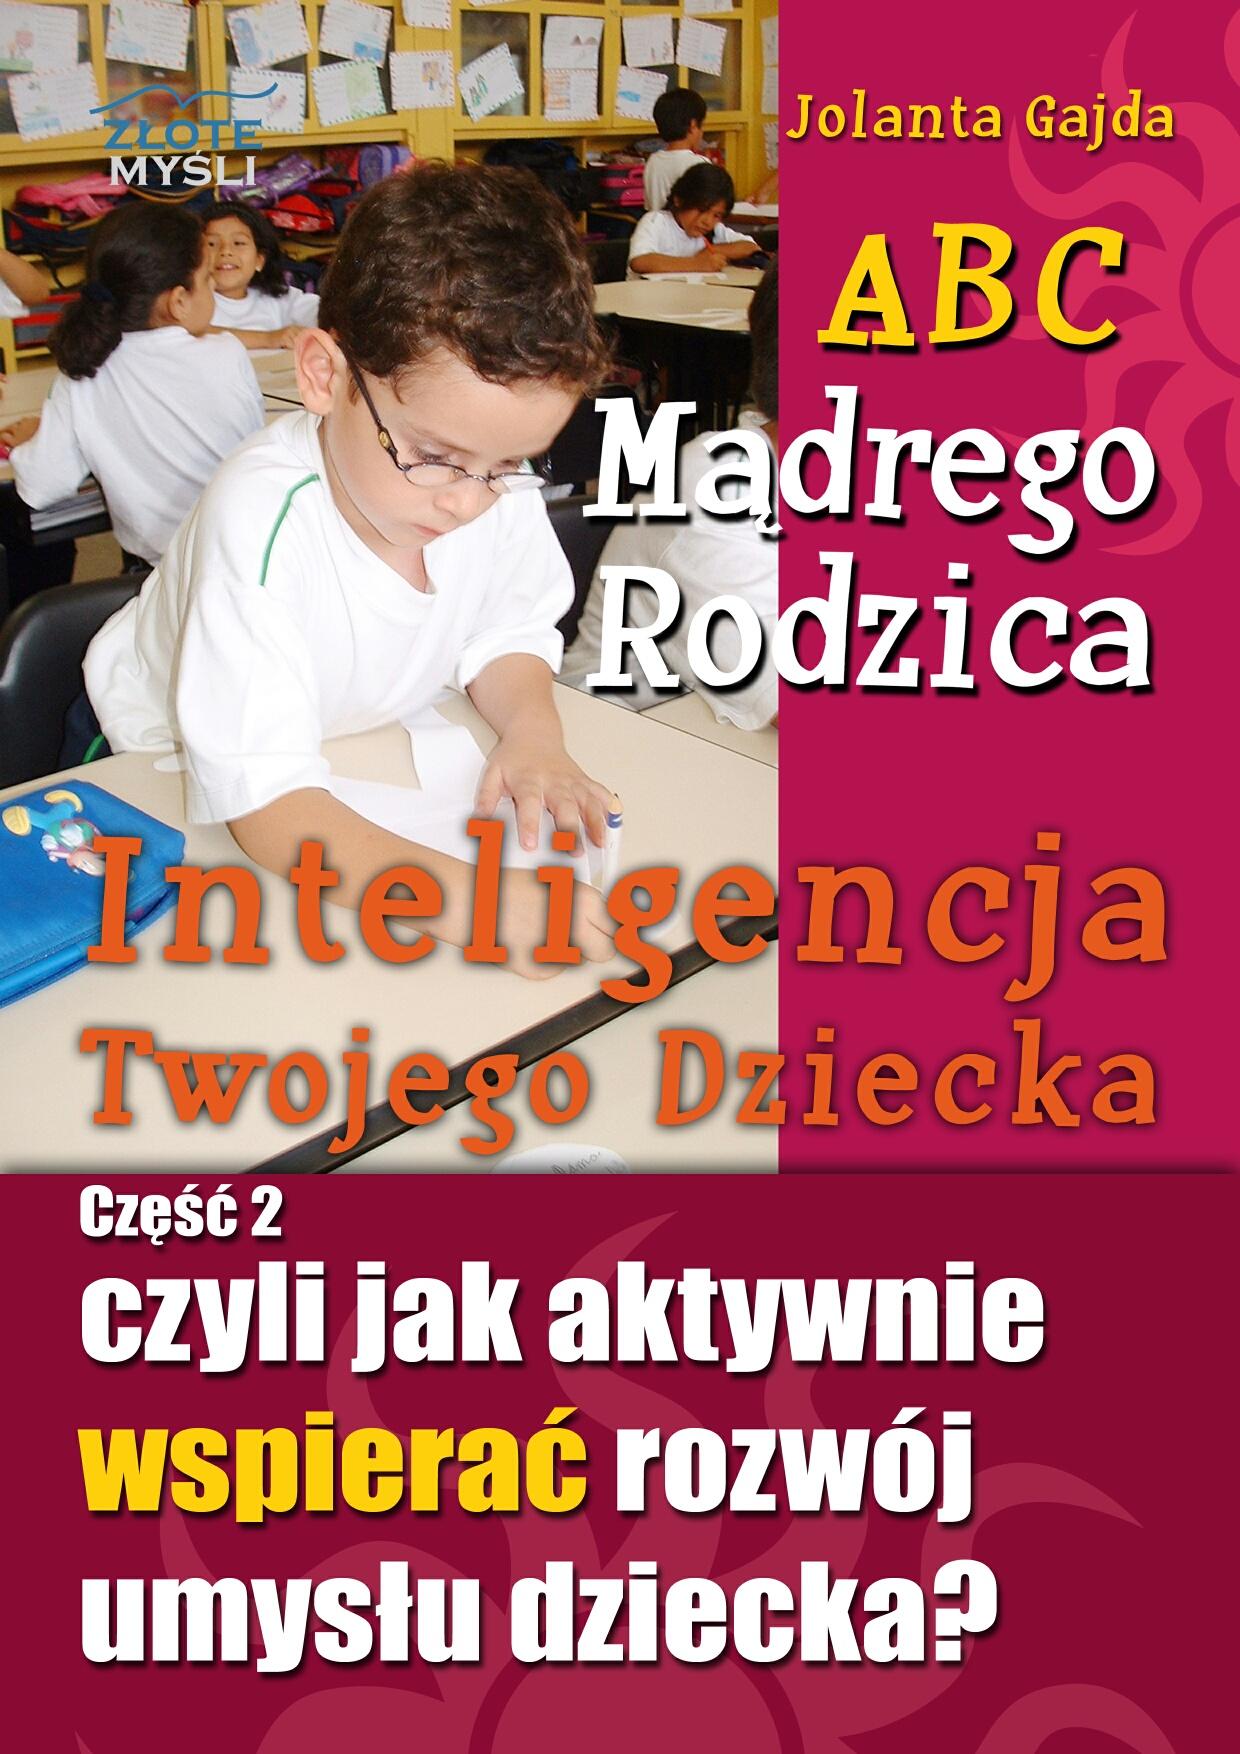 Jolanta Gajda: ABC Mądrego Rodzica: Skuteczna nauka ortografii - okładka